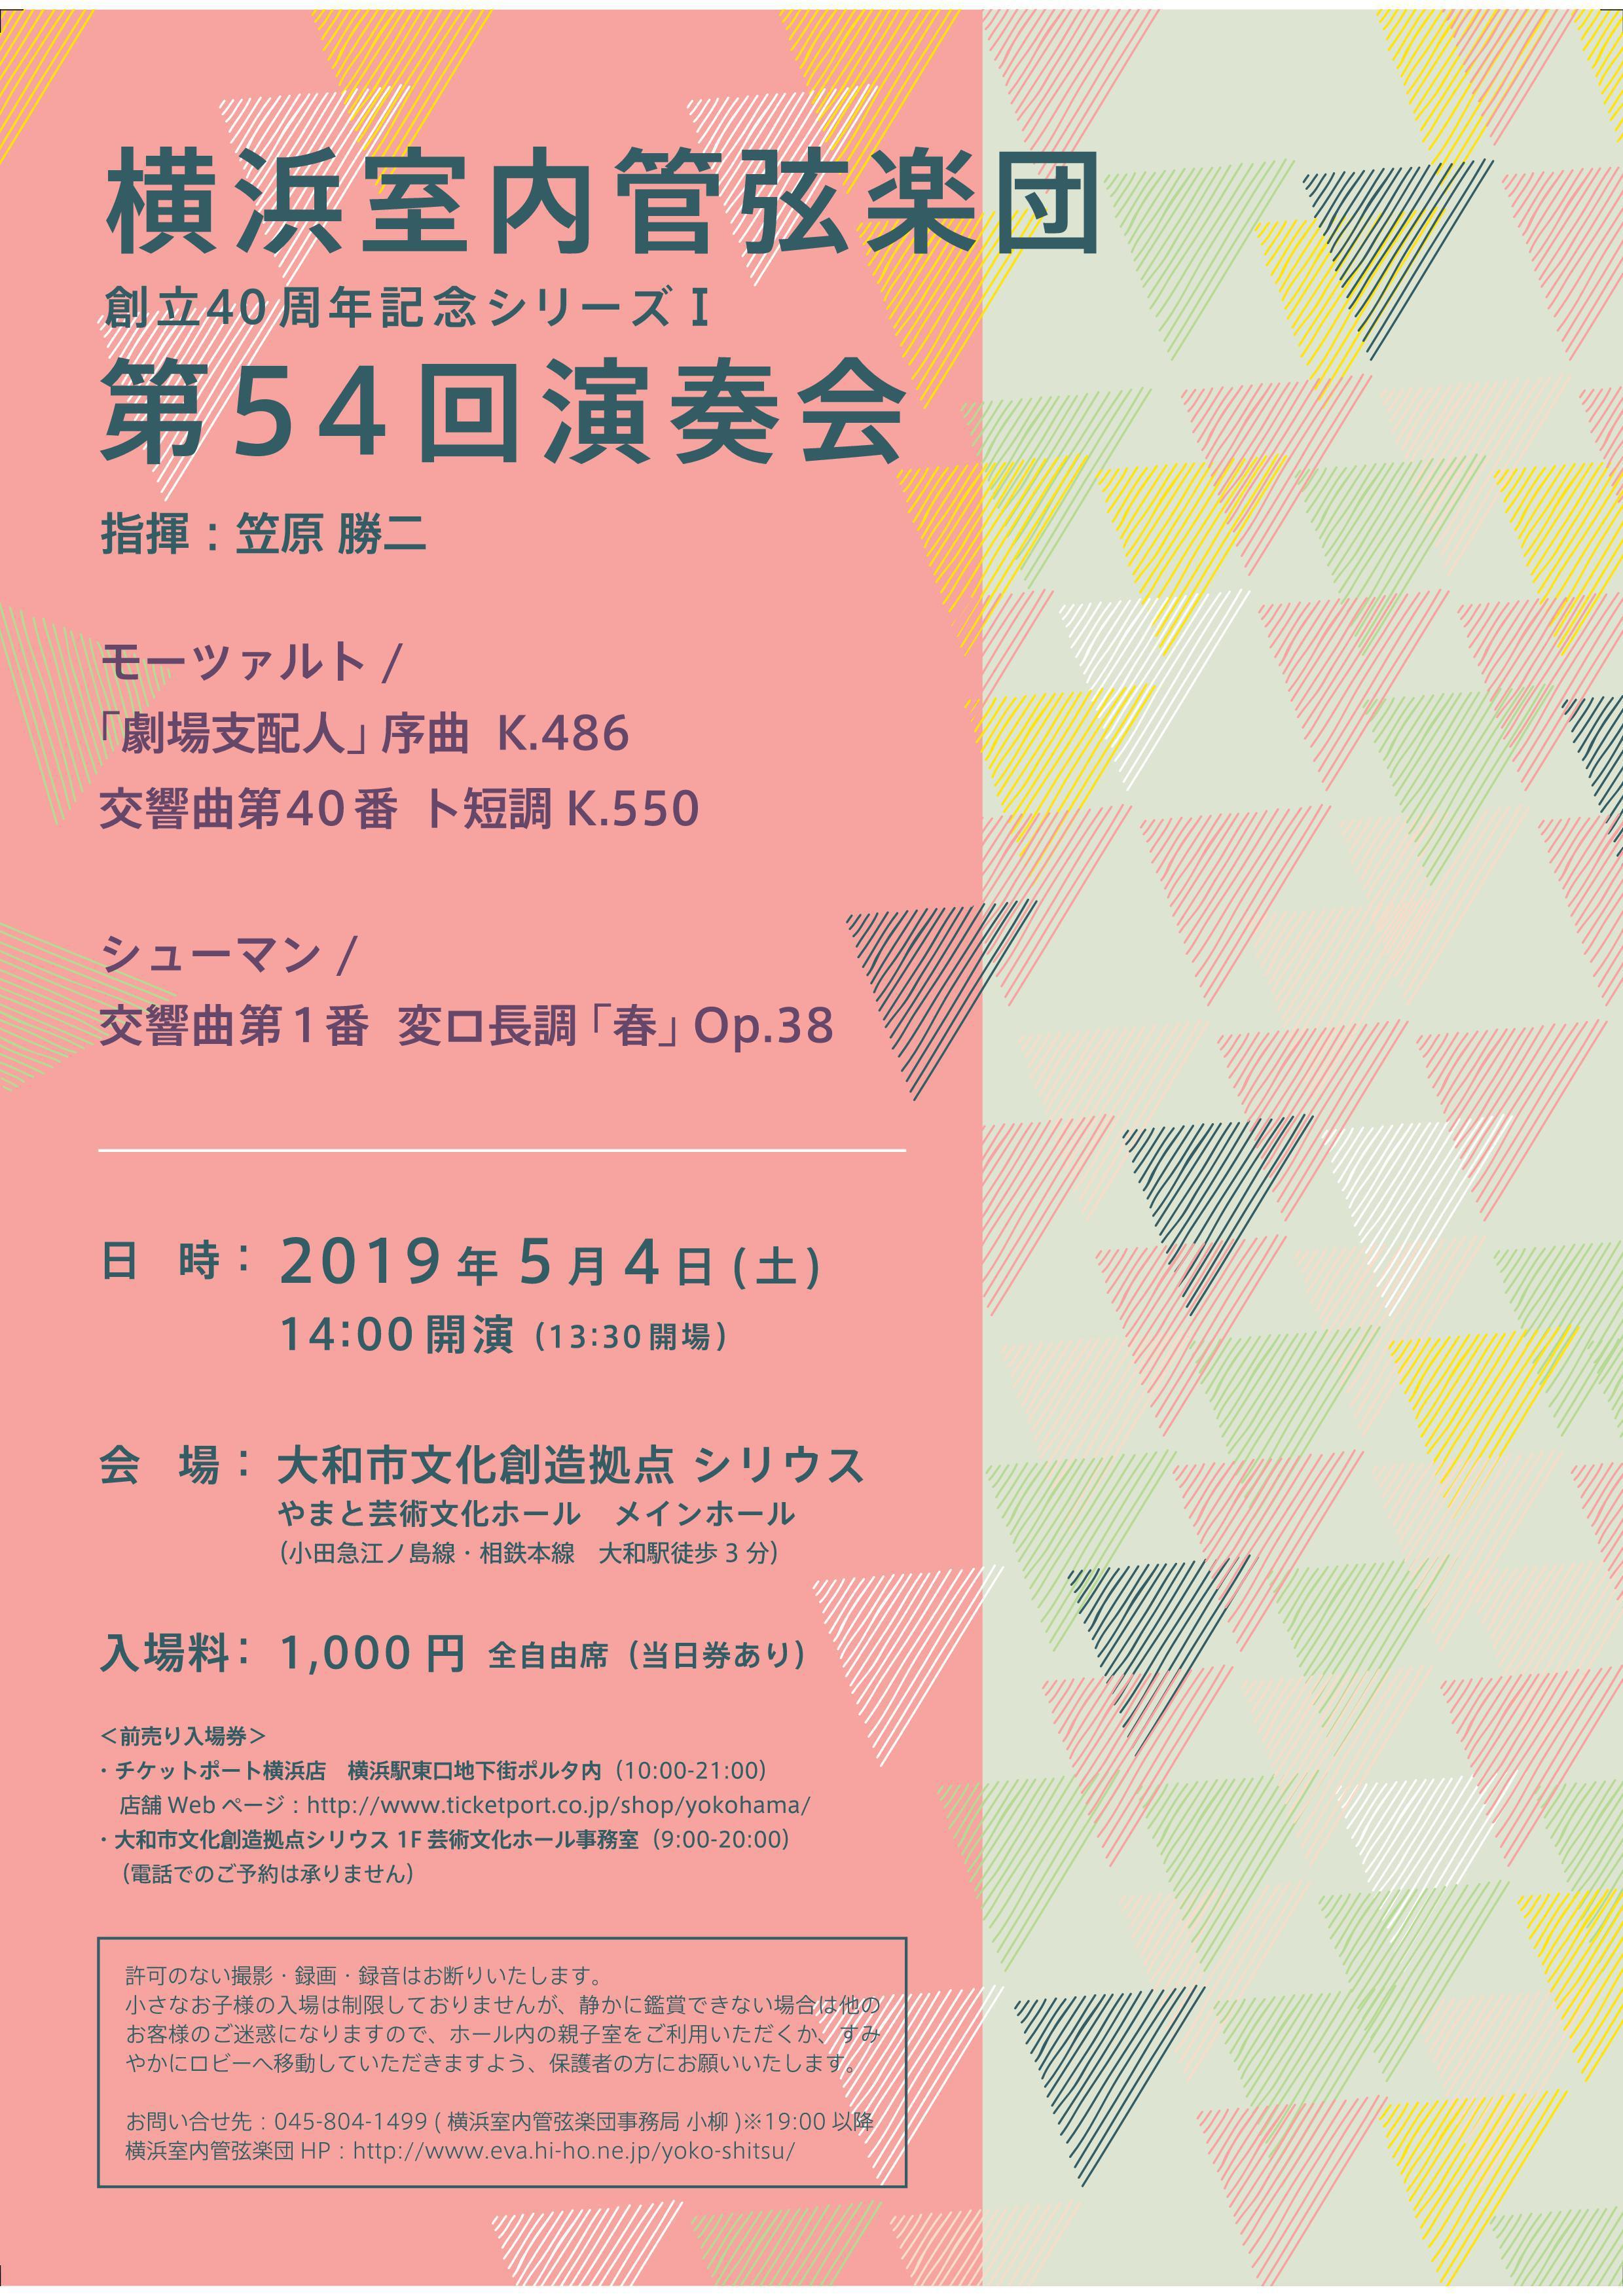 横浜室内管弦楽団 第54回演奏会